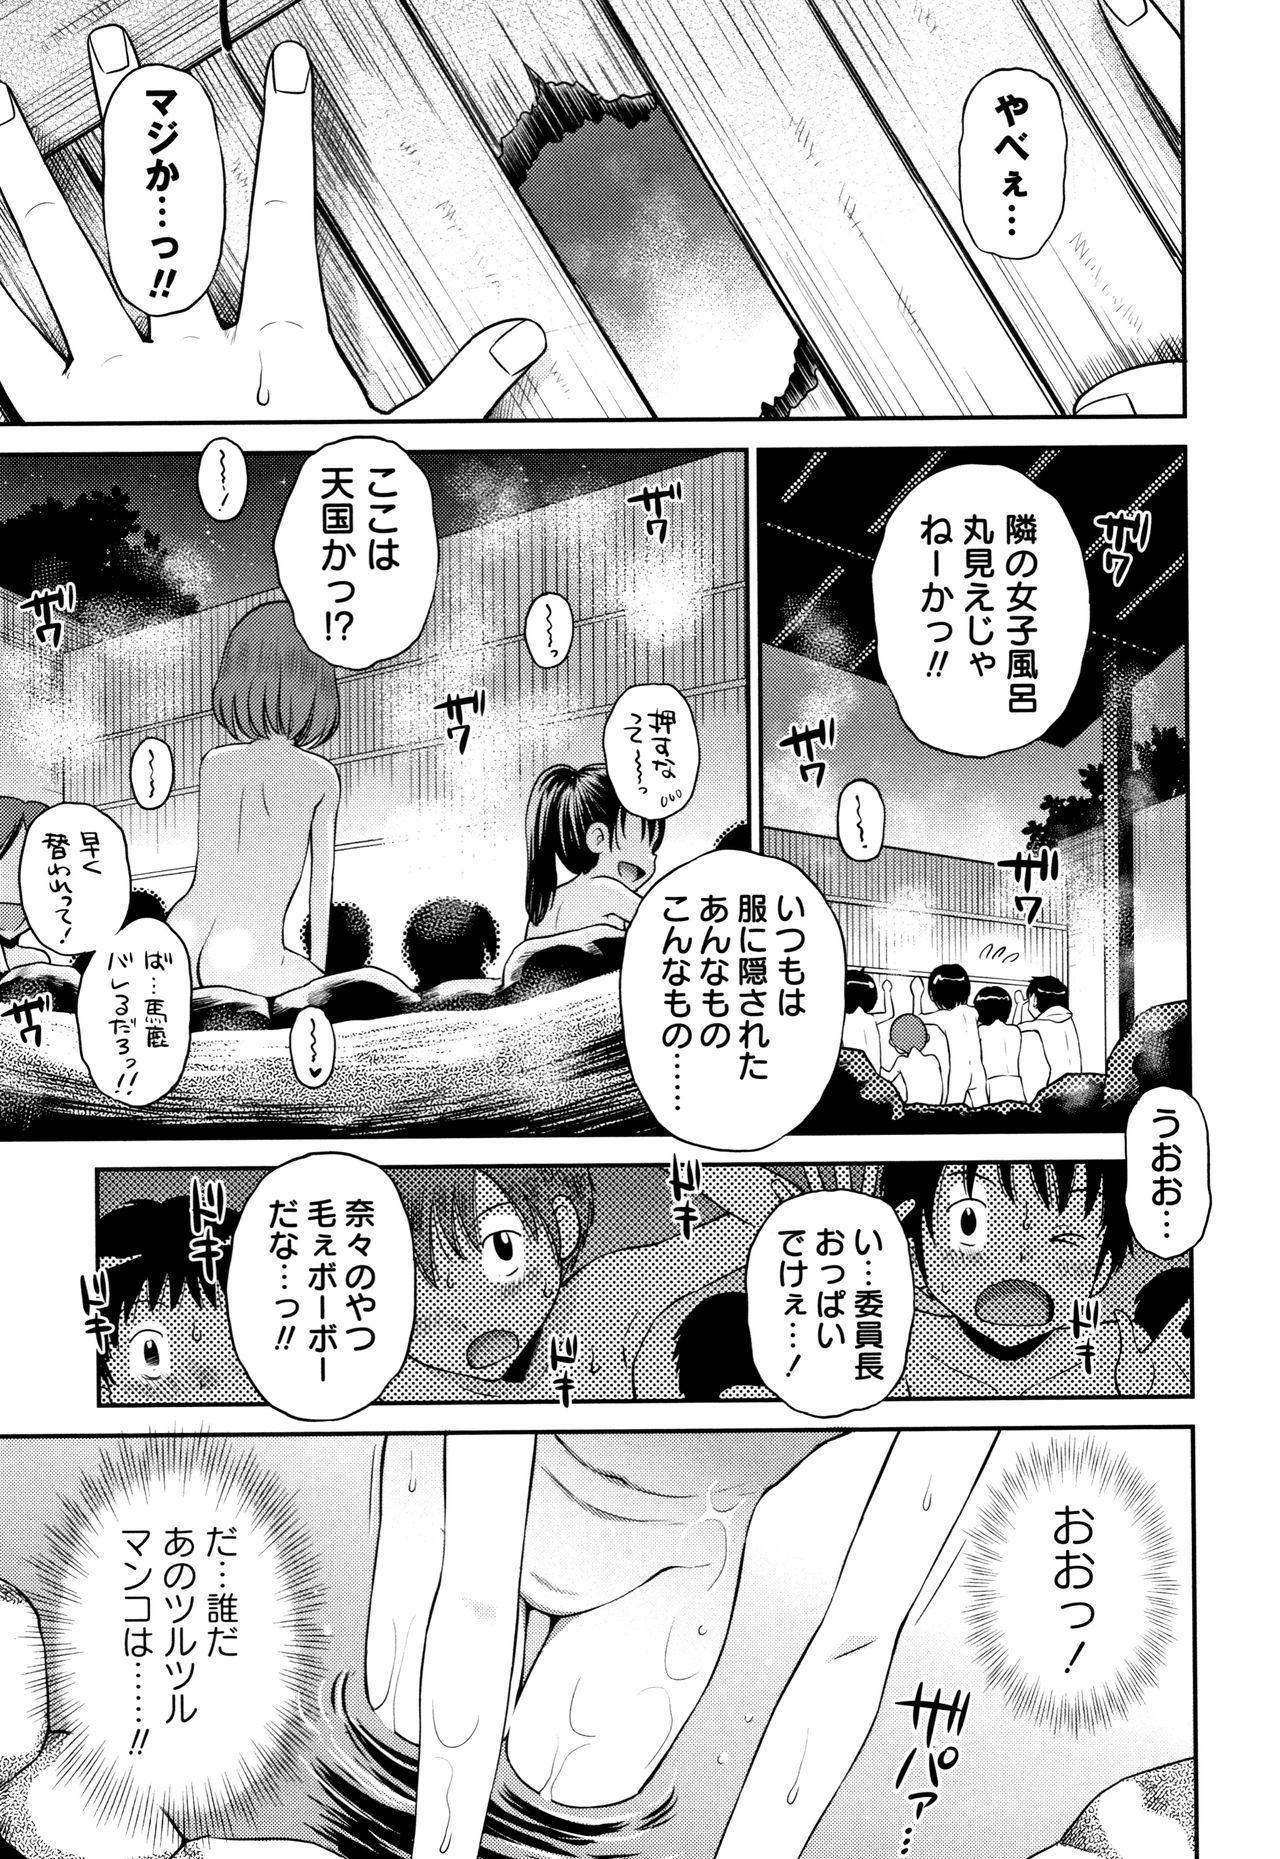 Mako to Himitsu no Houkago 129